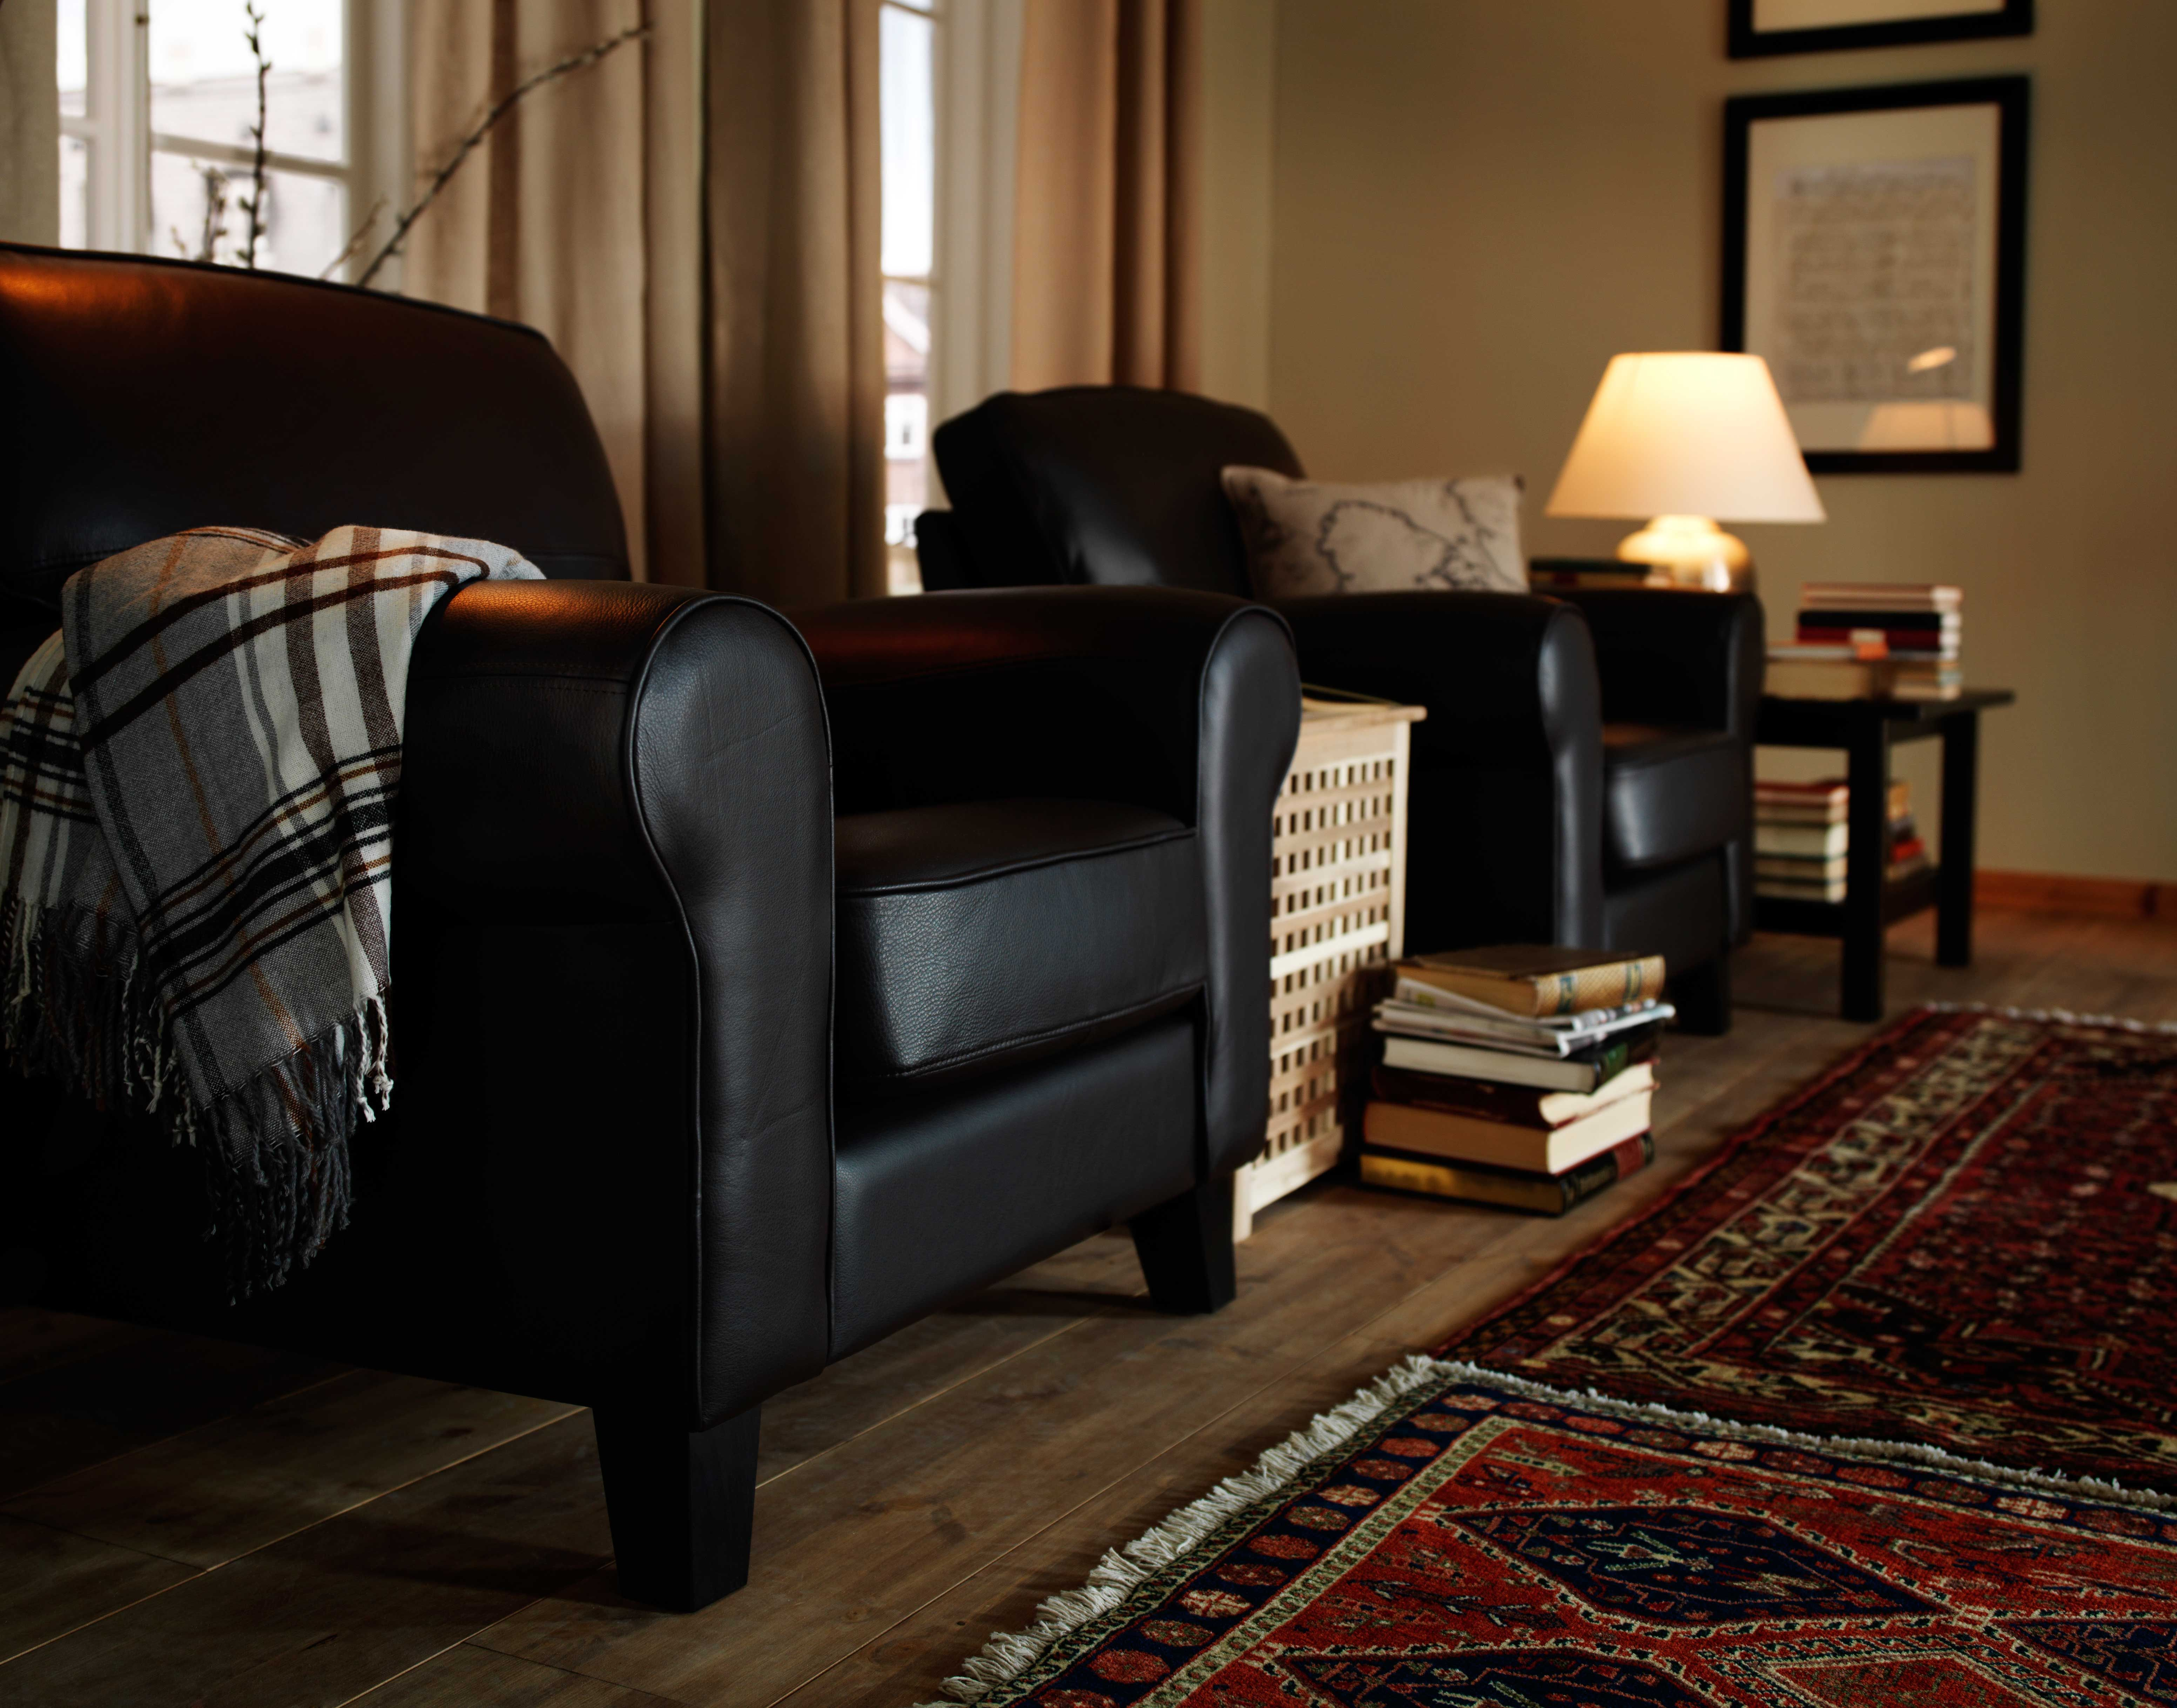 Wohnzimmer & Wohnzimmermöbel online kaufen Wohnzimmer